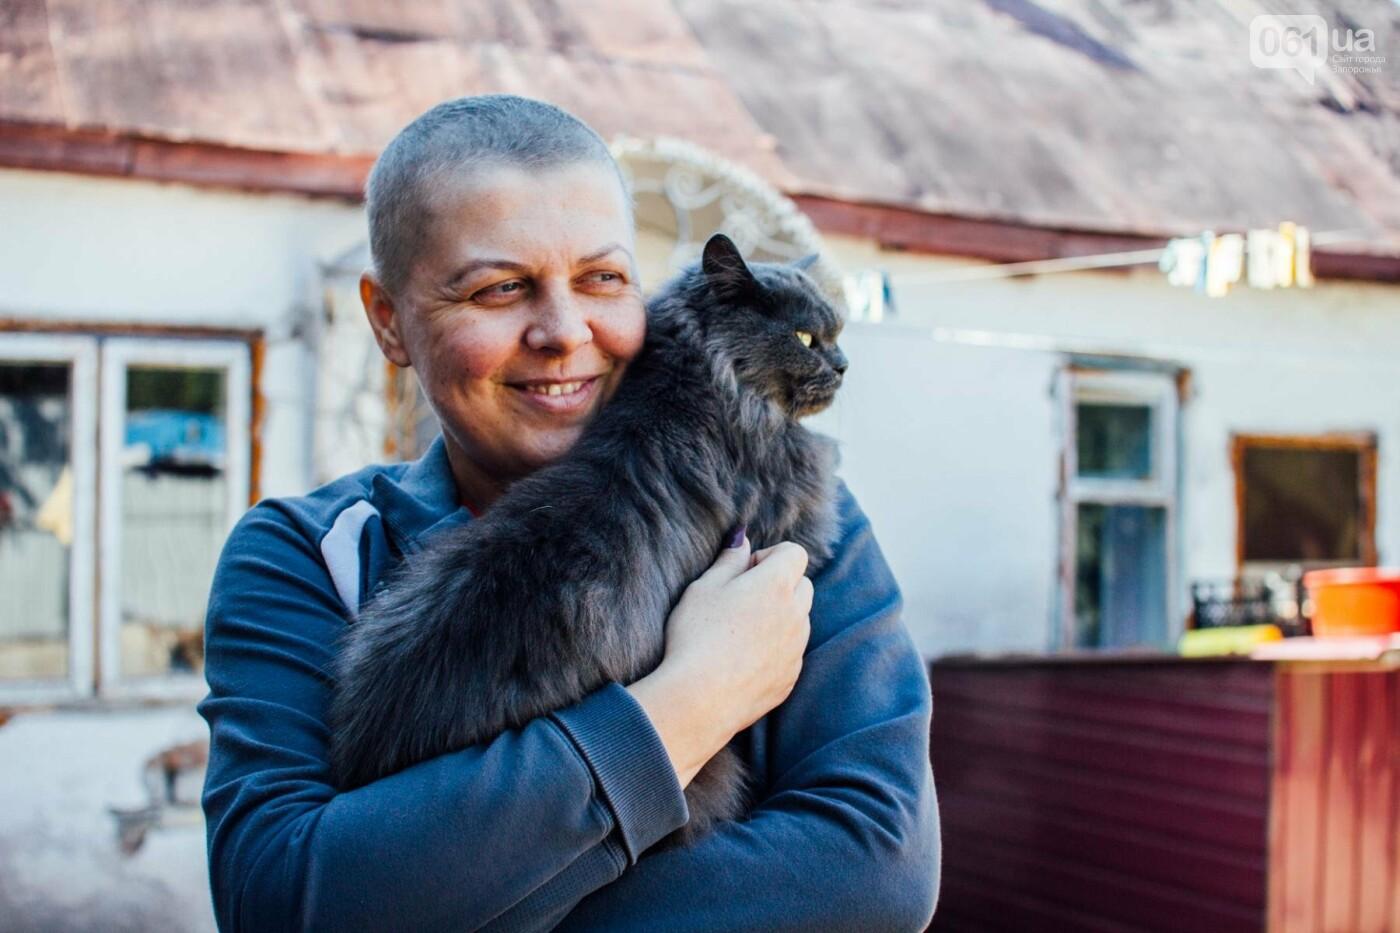 Последний шаг для Оли: как запорожанка проходила химиотерапию между сменами на заводе, фото-9